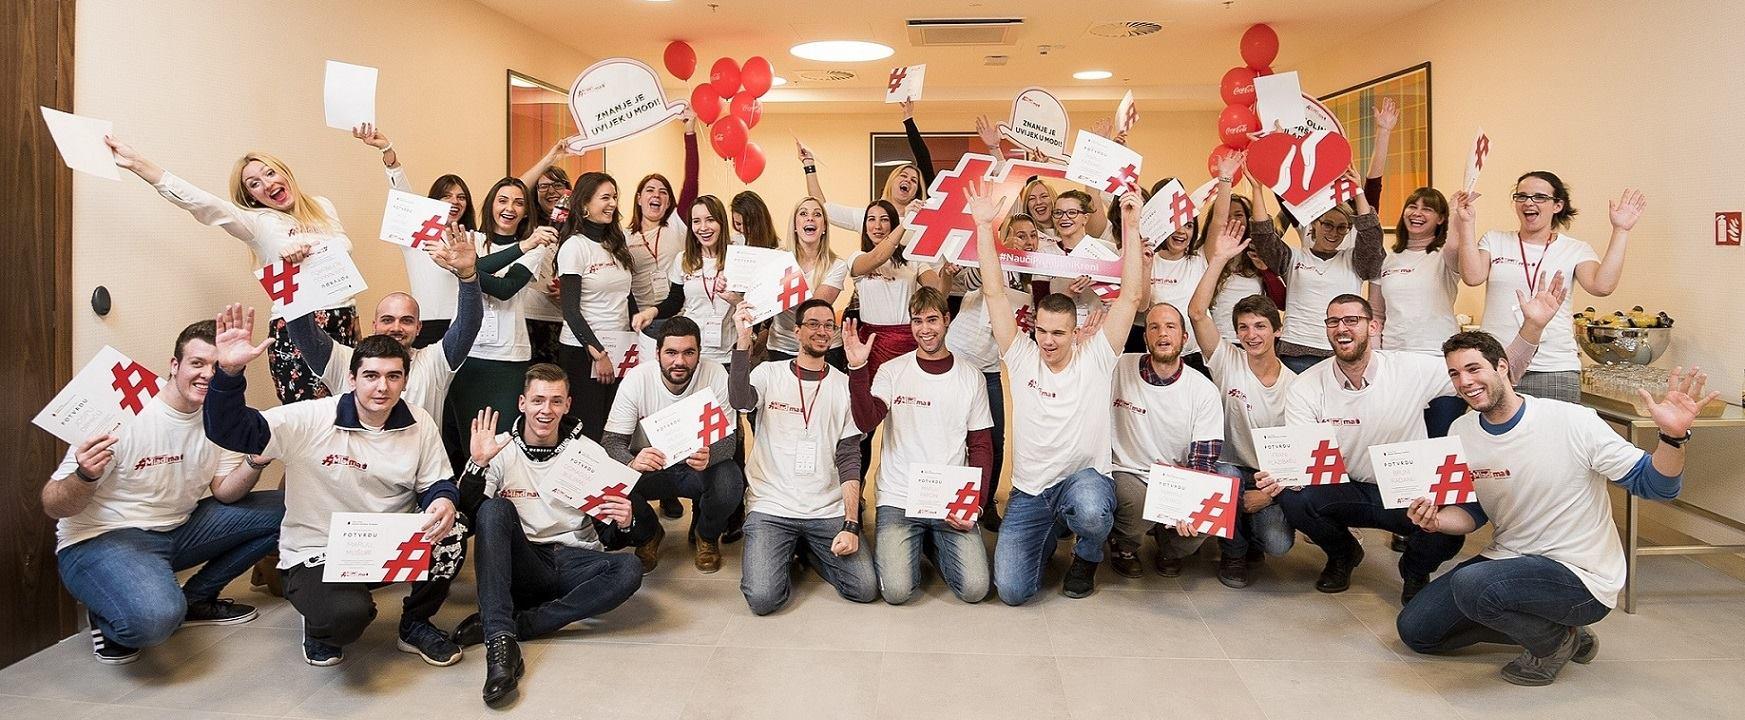 Coca-Colina podrška mladima u sljedeće će dvije godine obuhvatiti tisuću polaznika širom RH